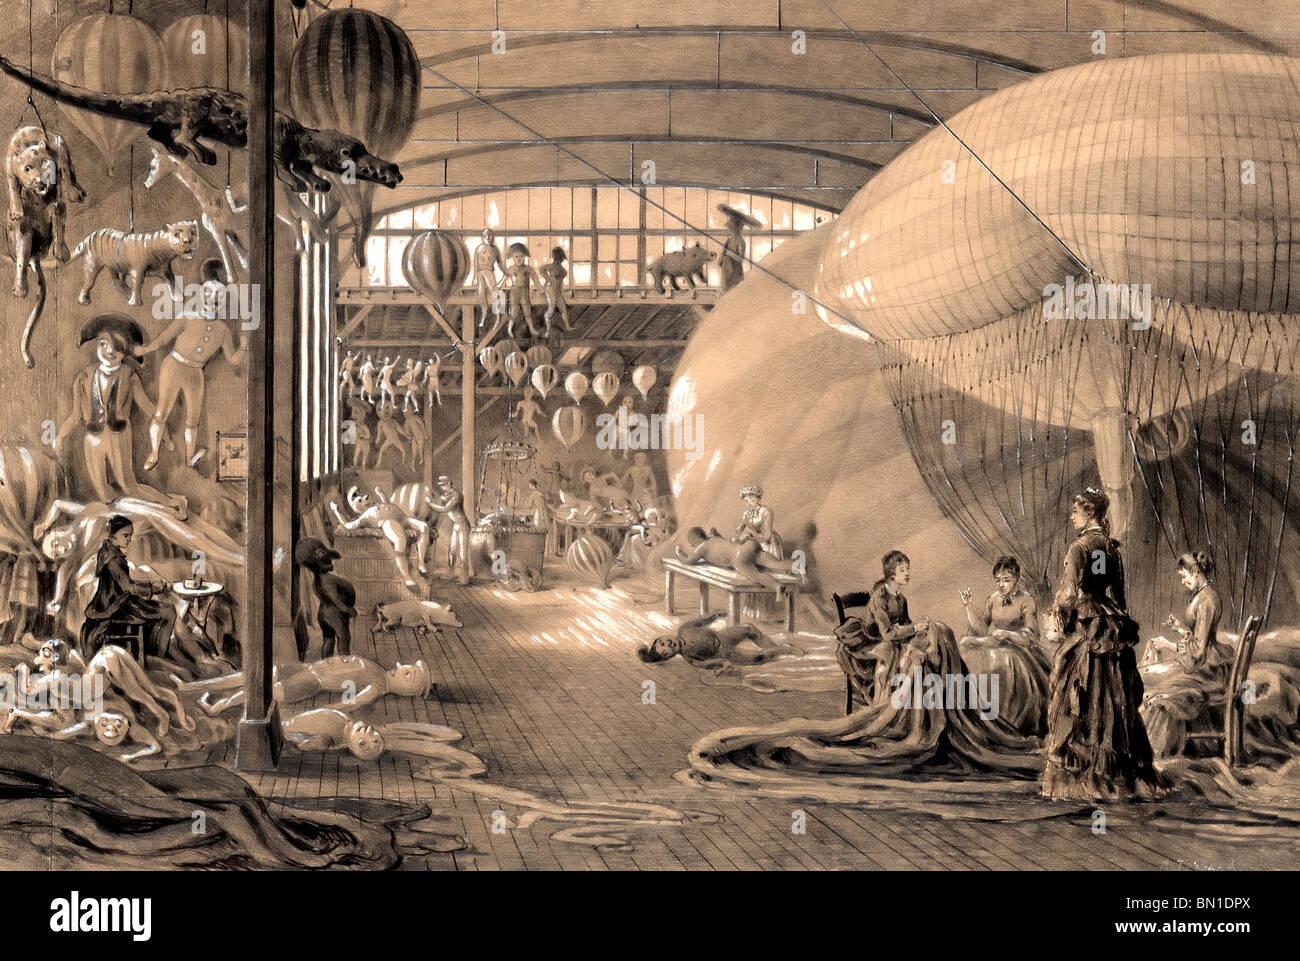 Balloon factory Paris, France circa 1883 - Stock Image